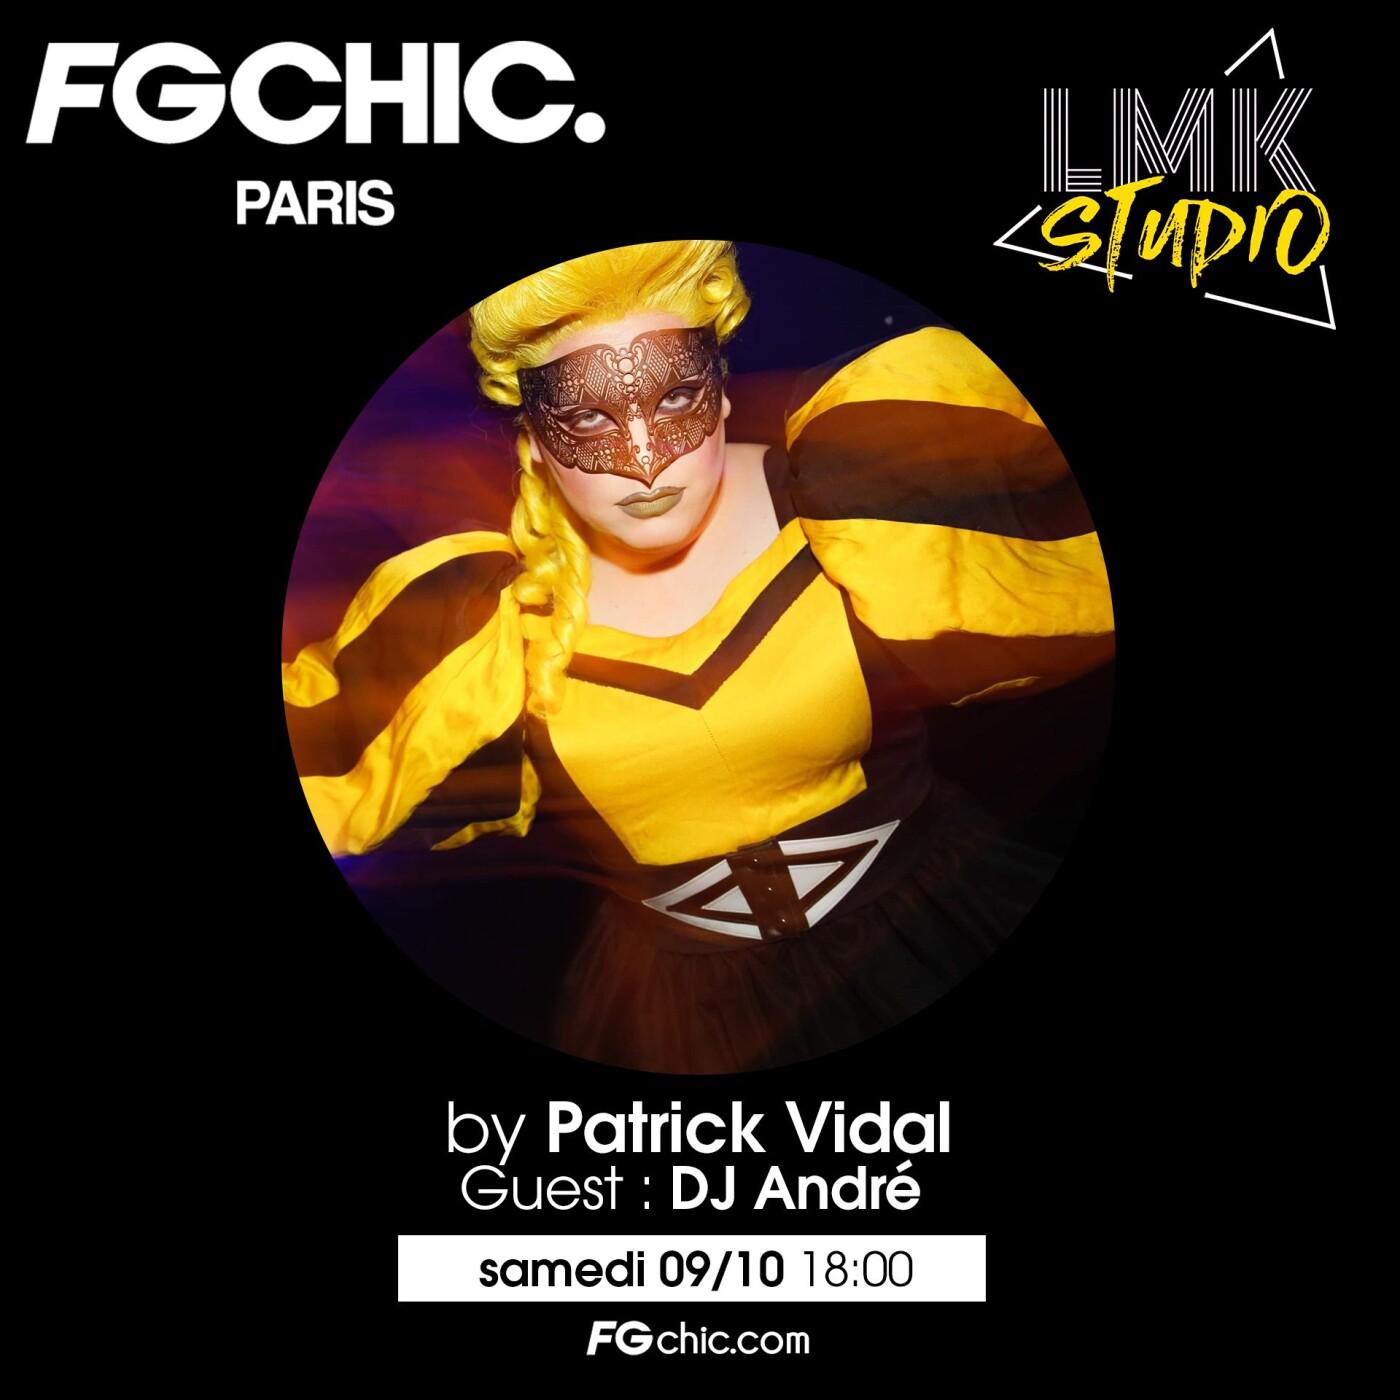 LMK STUDIO AVEC PATRICK VIDAL DU 9 OCTOBRE 2021